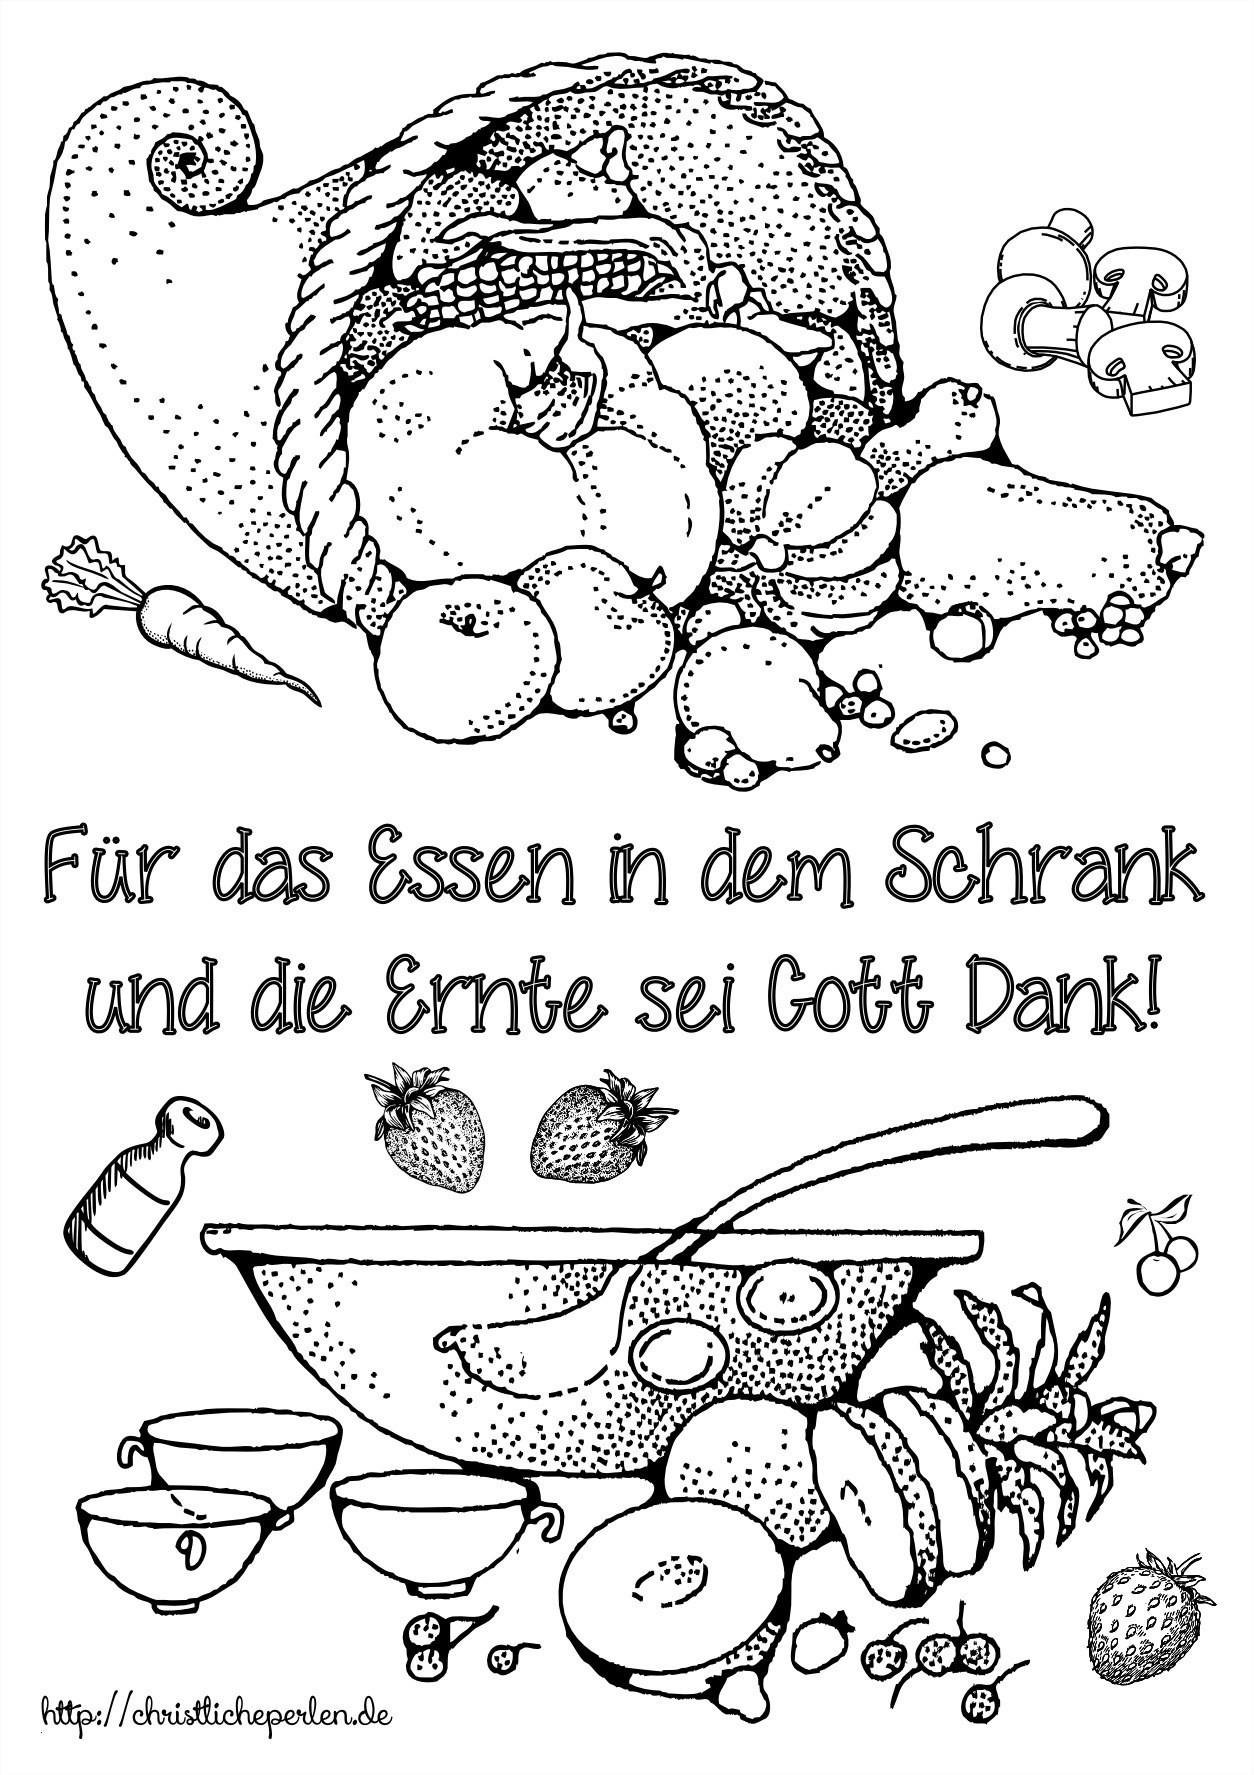 Ausmalbilder Schule Zum Ausdrucken Das Beste Von Ausmalbilder Schule Kostenlos Einzigartig Bayern Ausmalbilder Frisch Bilder